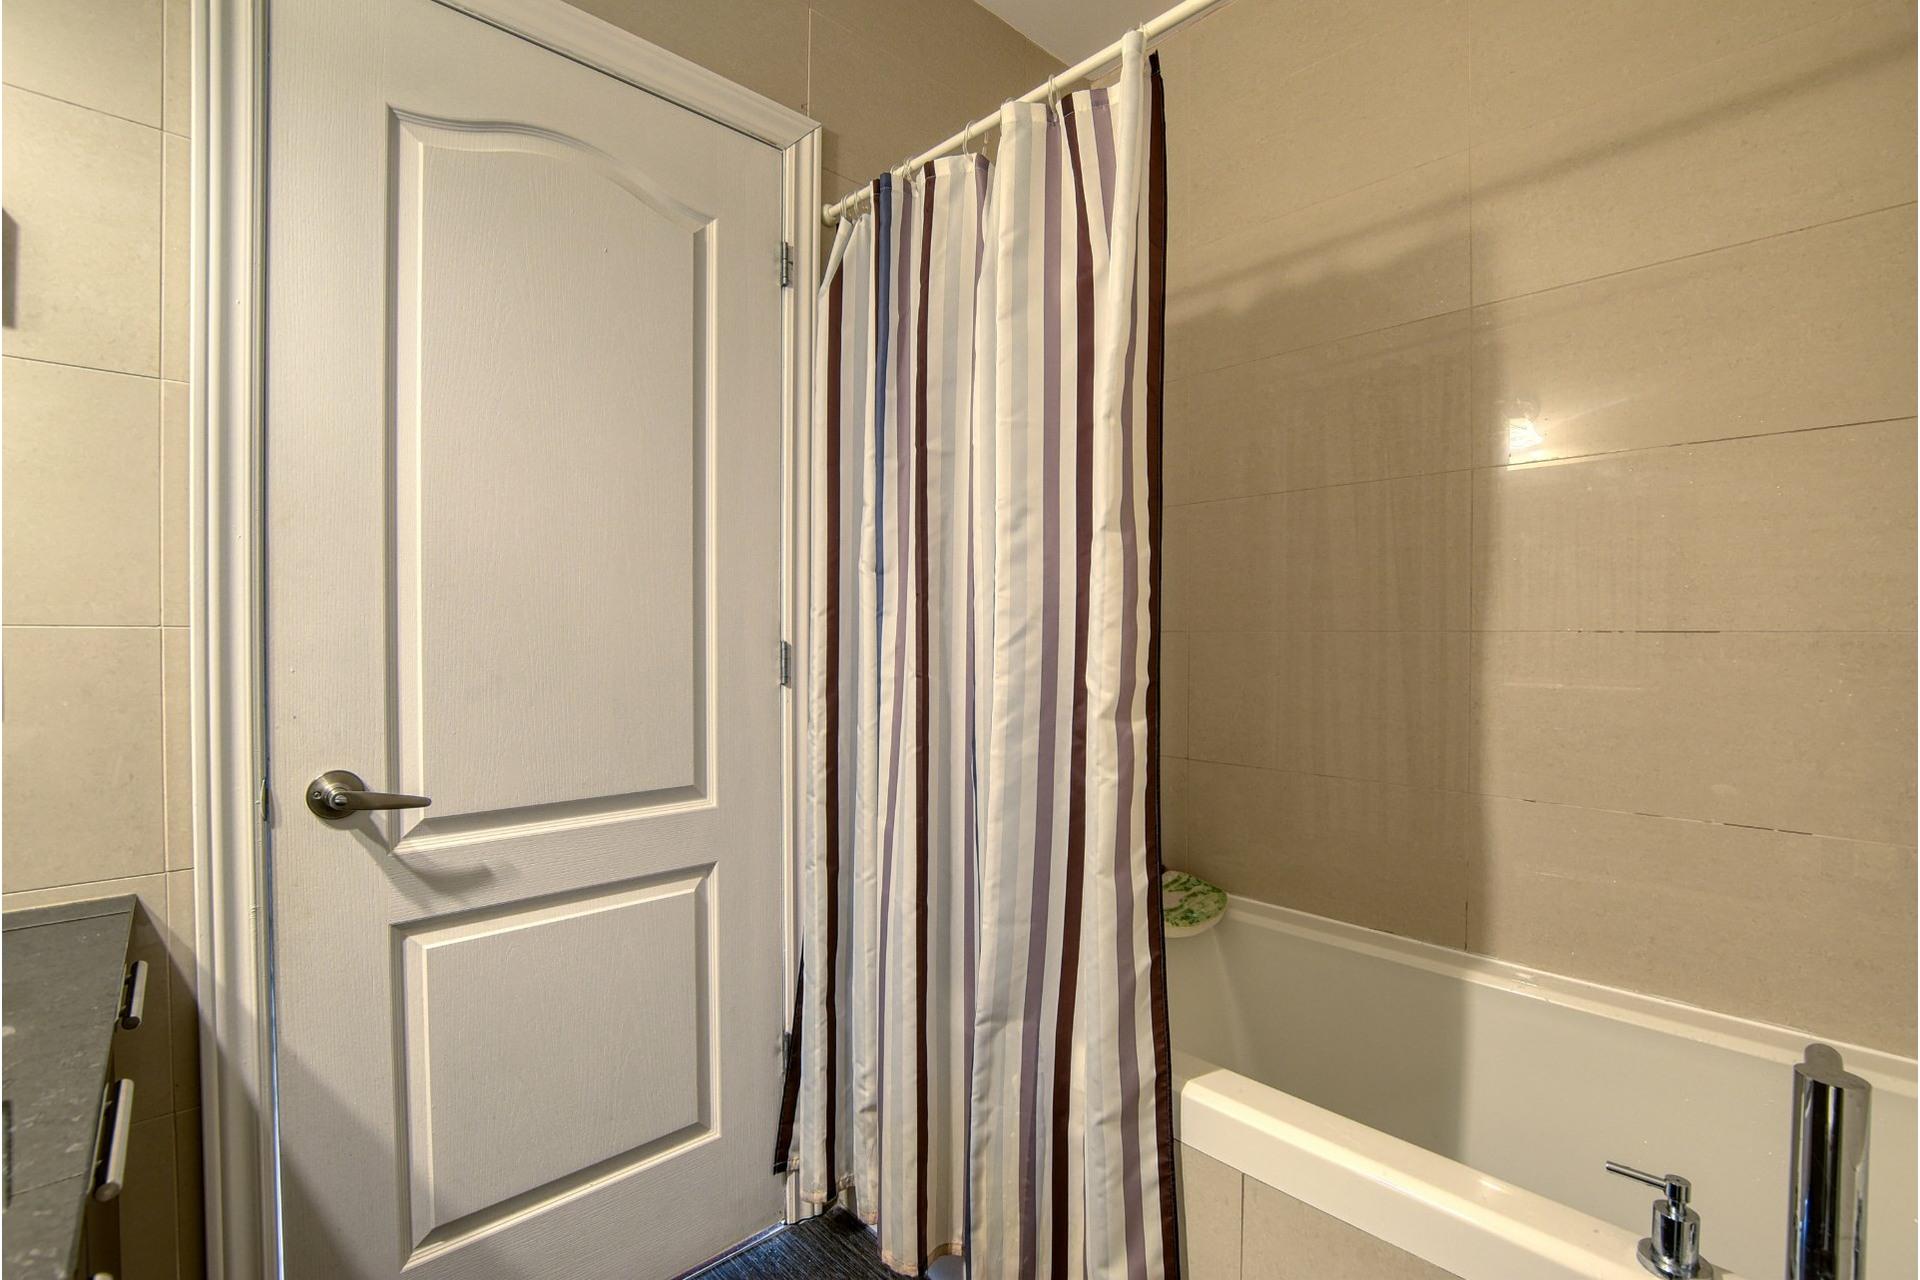 image 18 - Apartment For sale Saint-Laurent Montréal  - 7 rooms